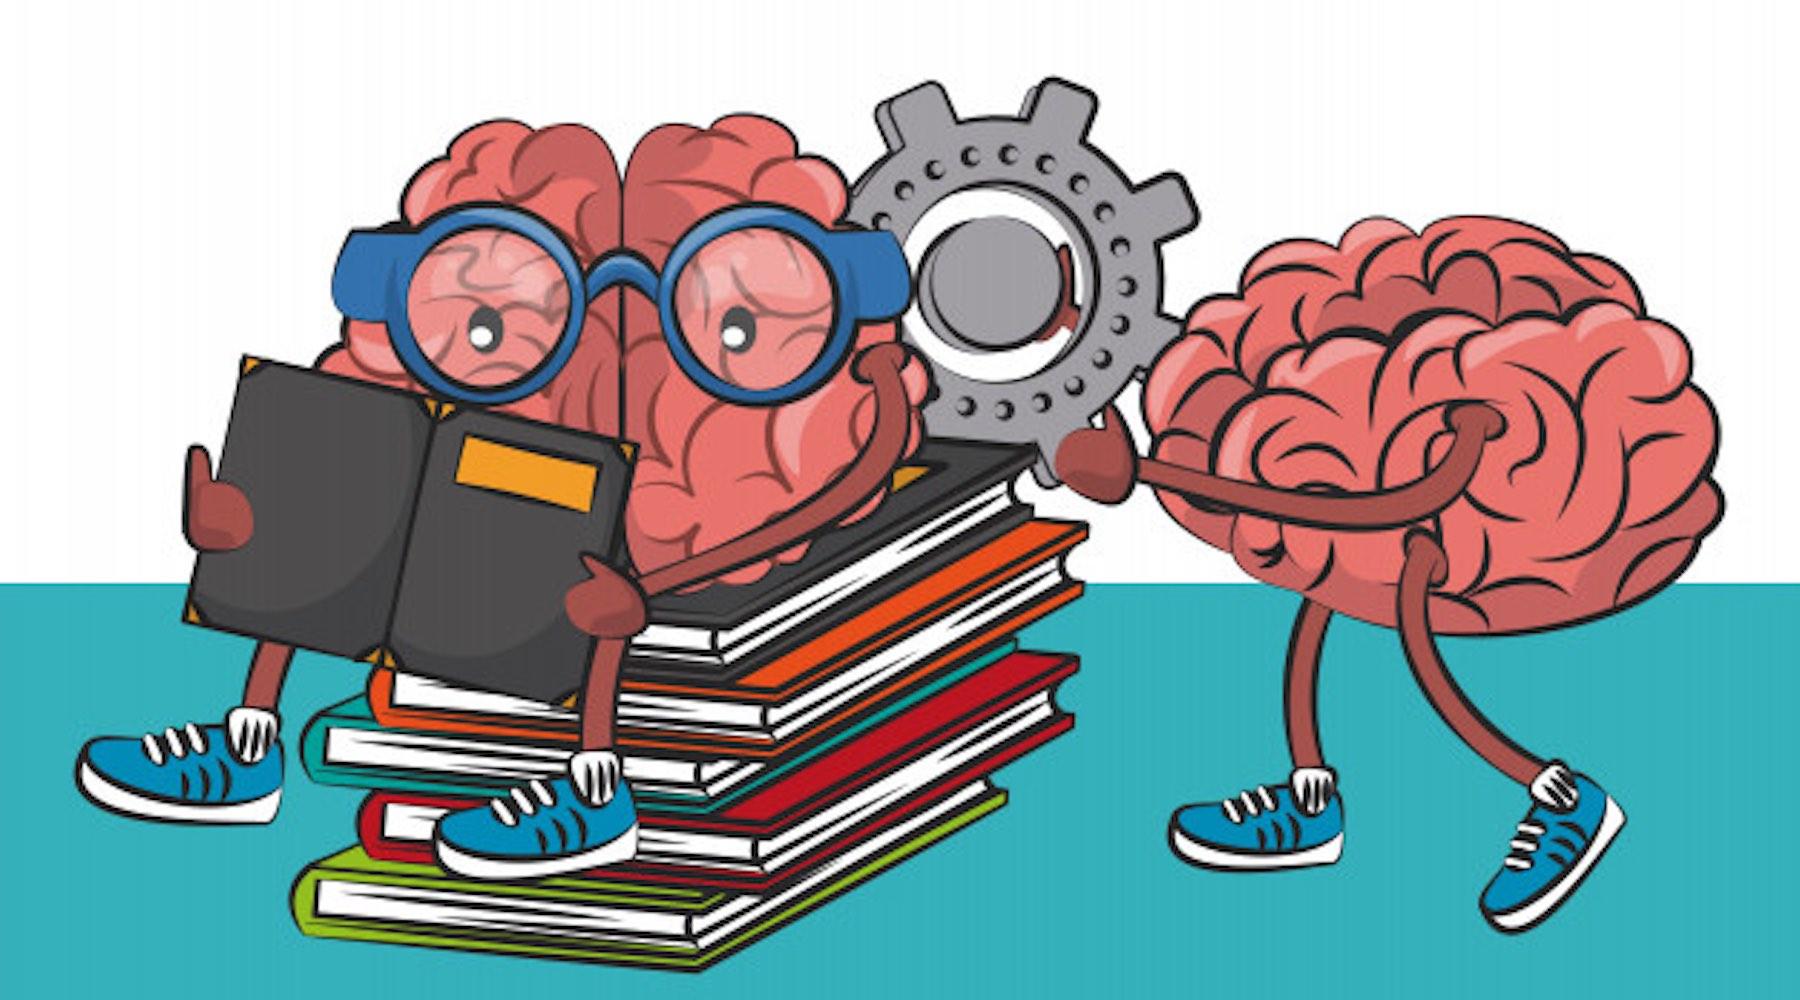 วิธีในการหลอกให้สมองของคุณเรียนภาษาใหม่